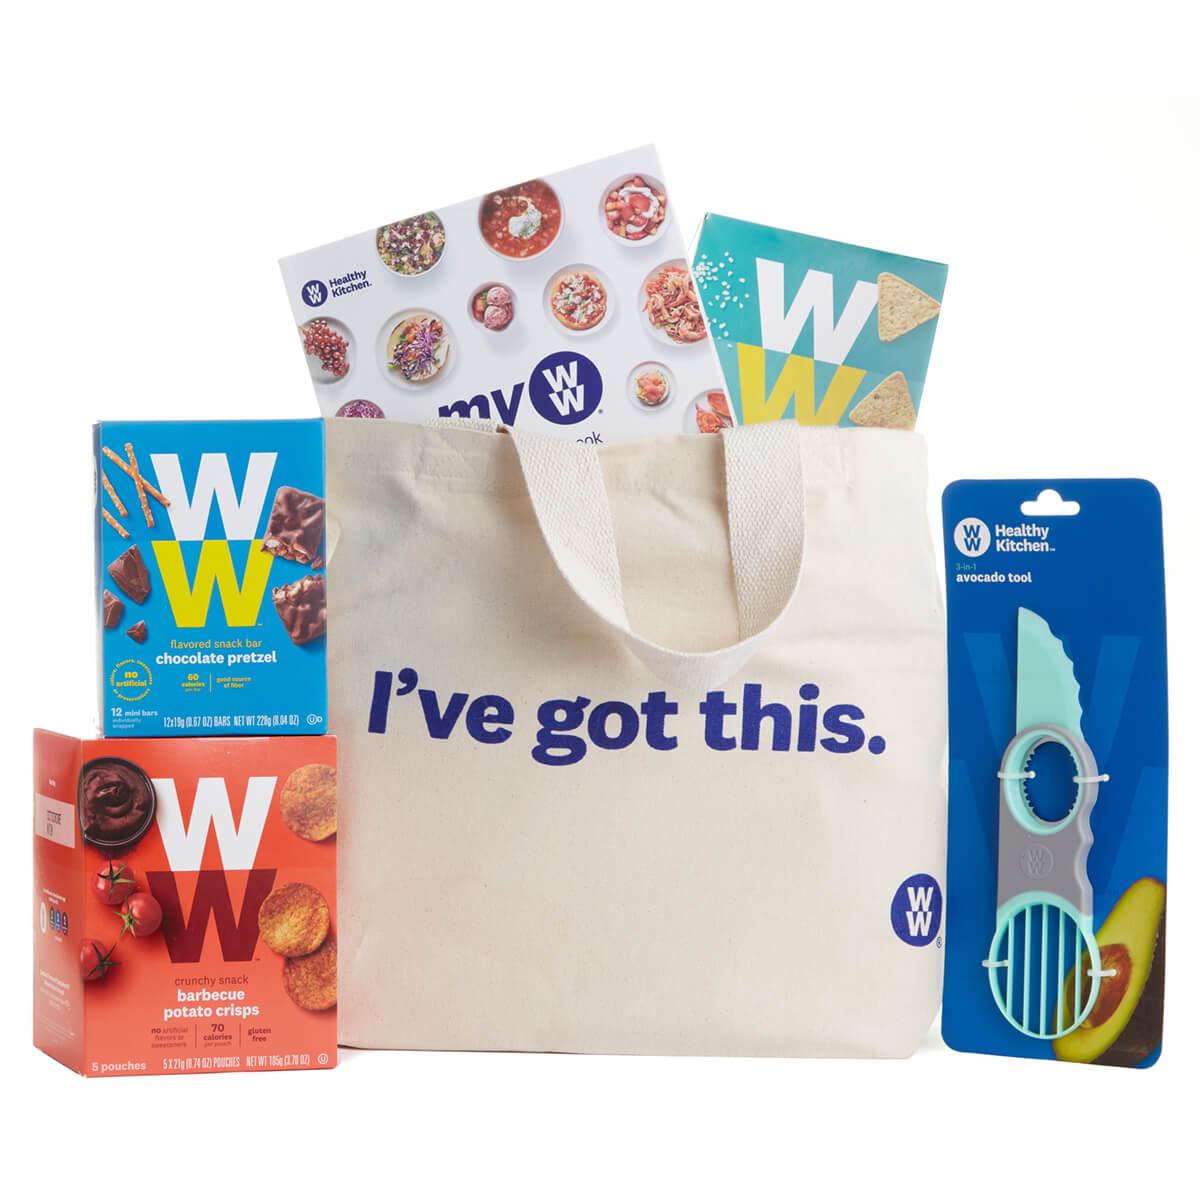 Reusable Tote bag - lifestyle